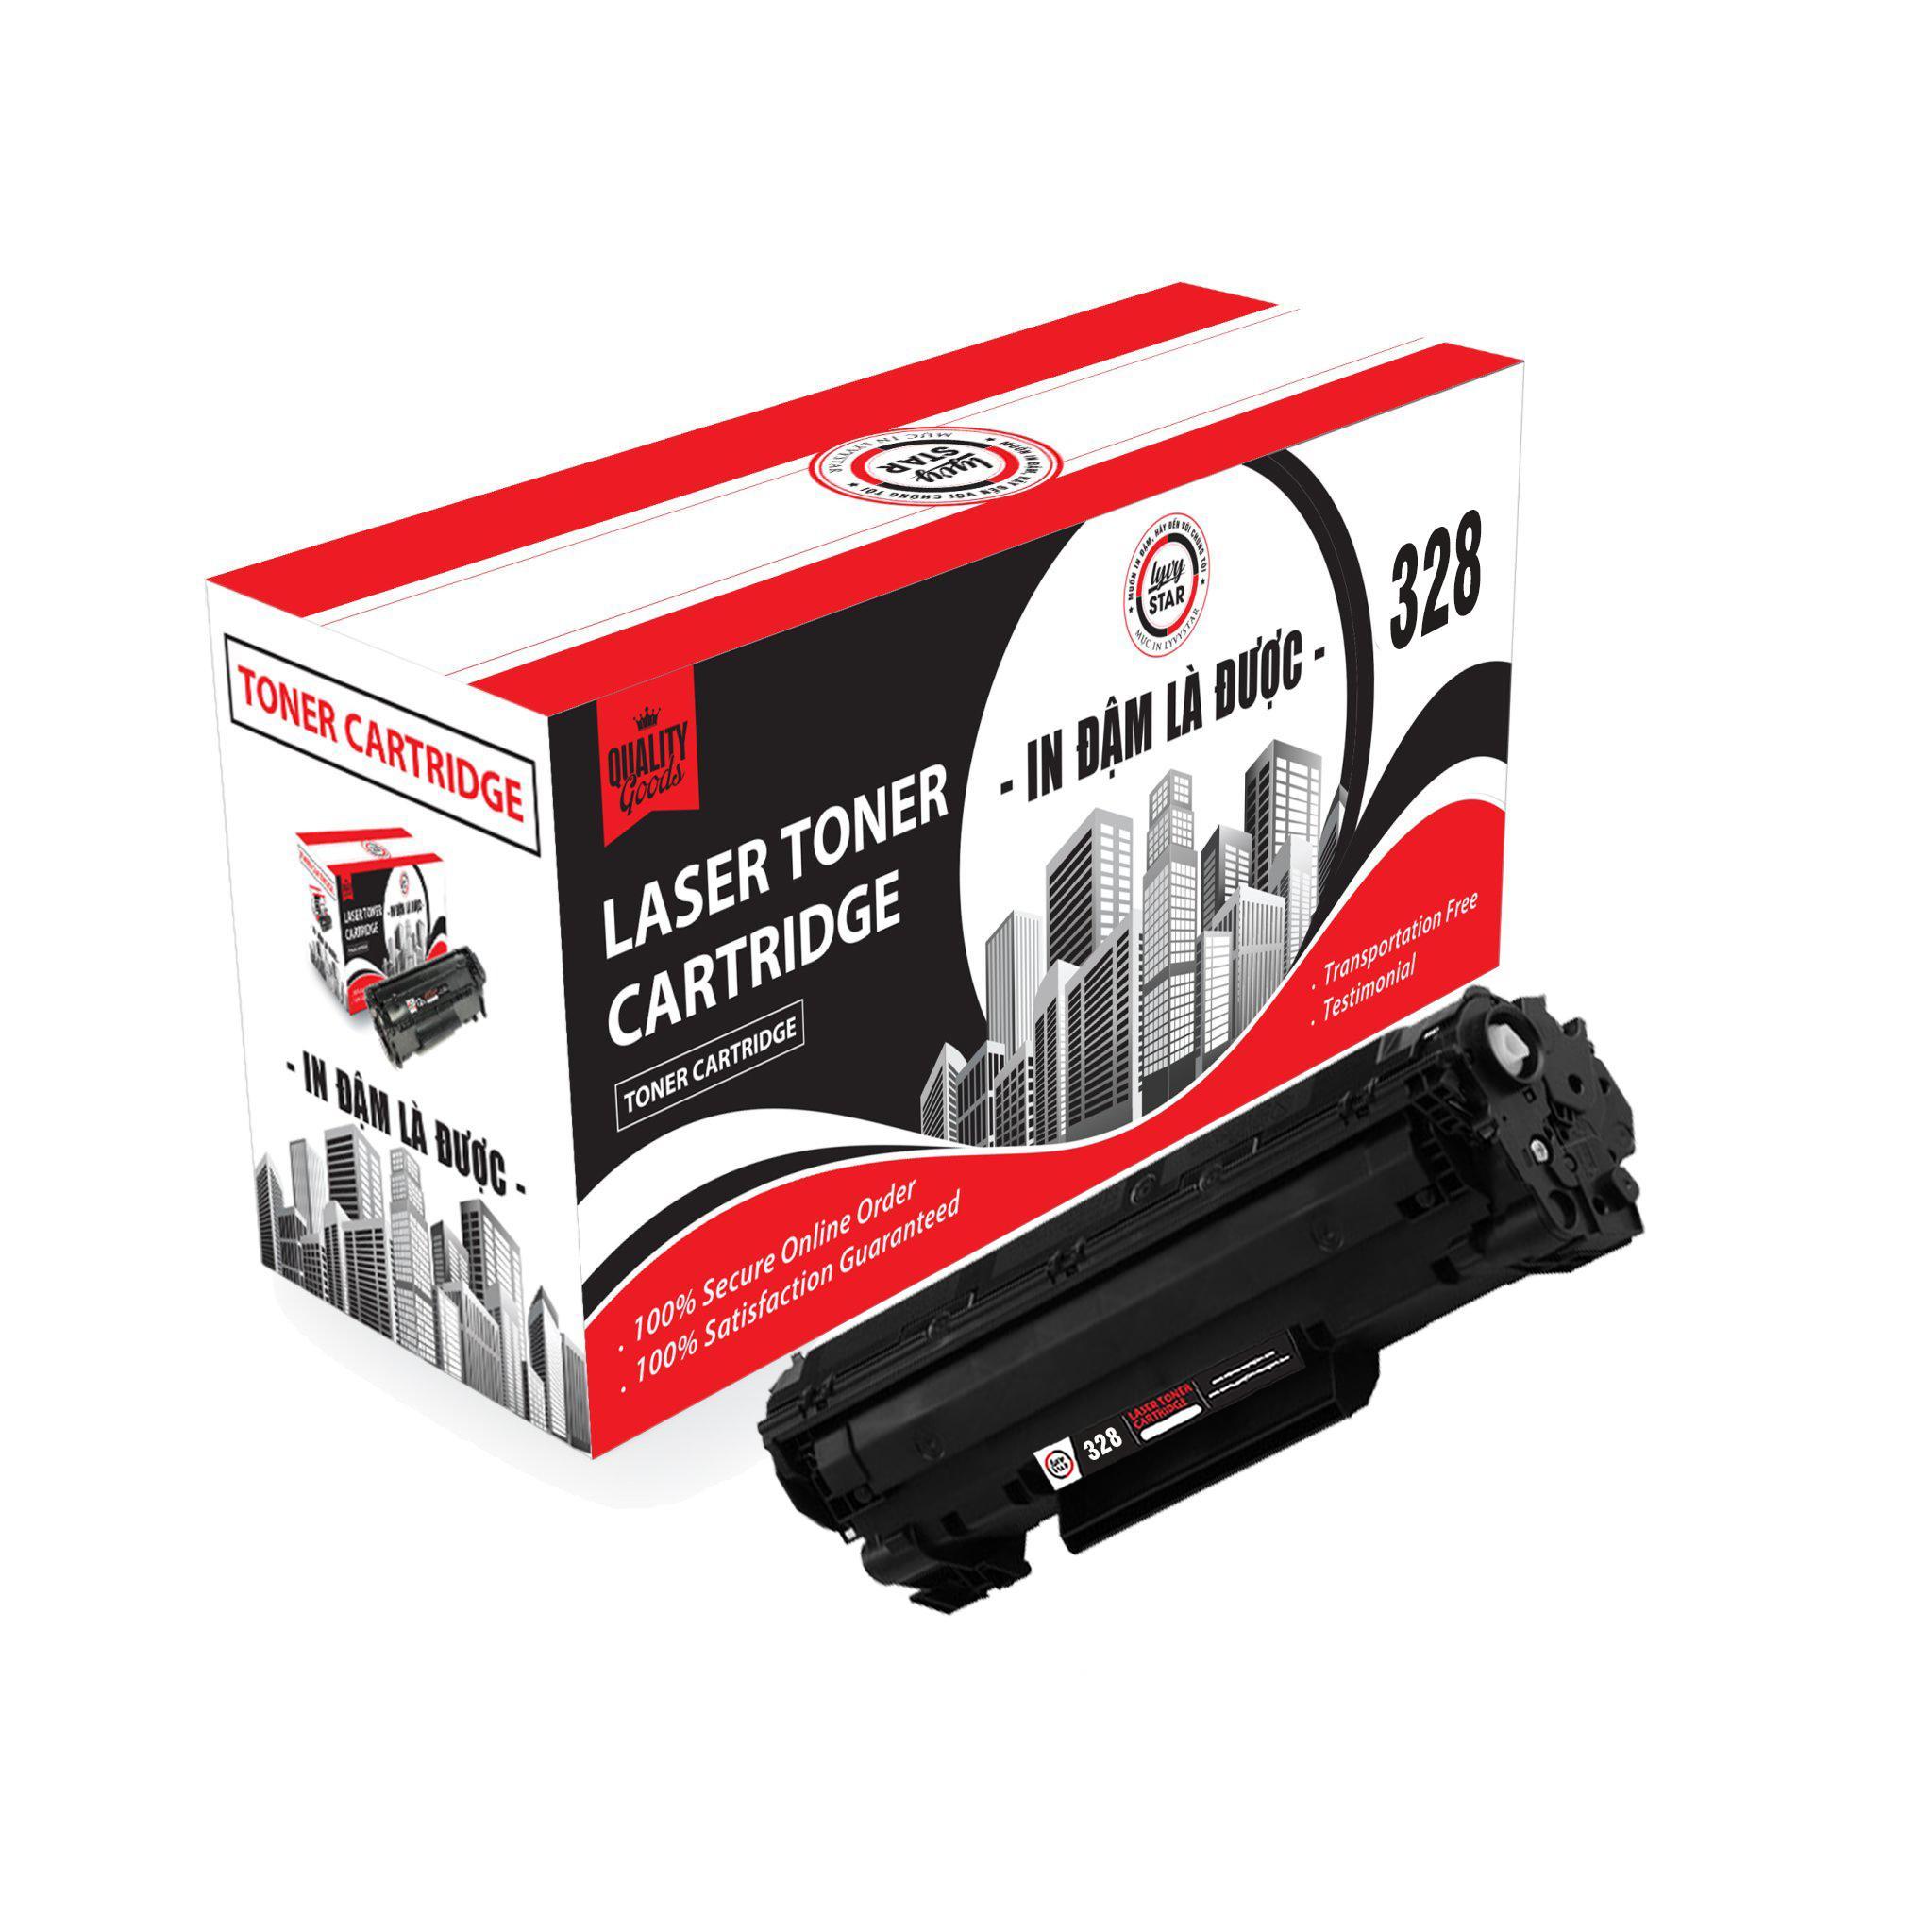 Mực in Laser Lyvystar dùng cho máy in  - Hàng Chính Hãng